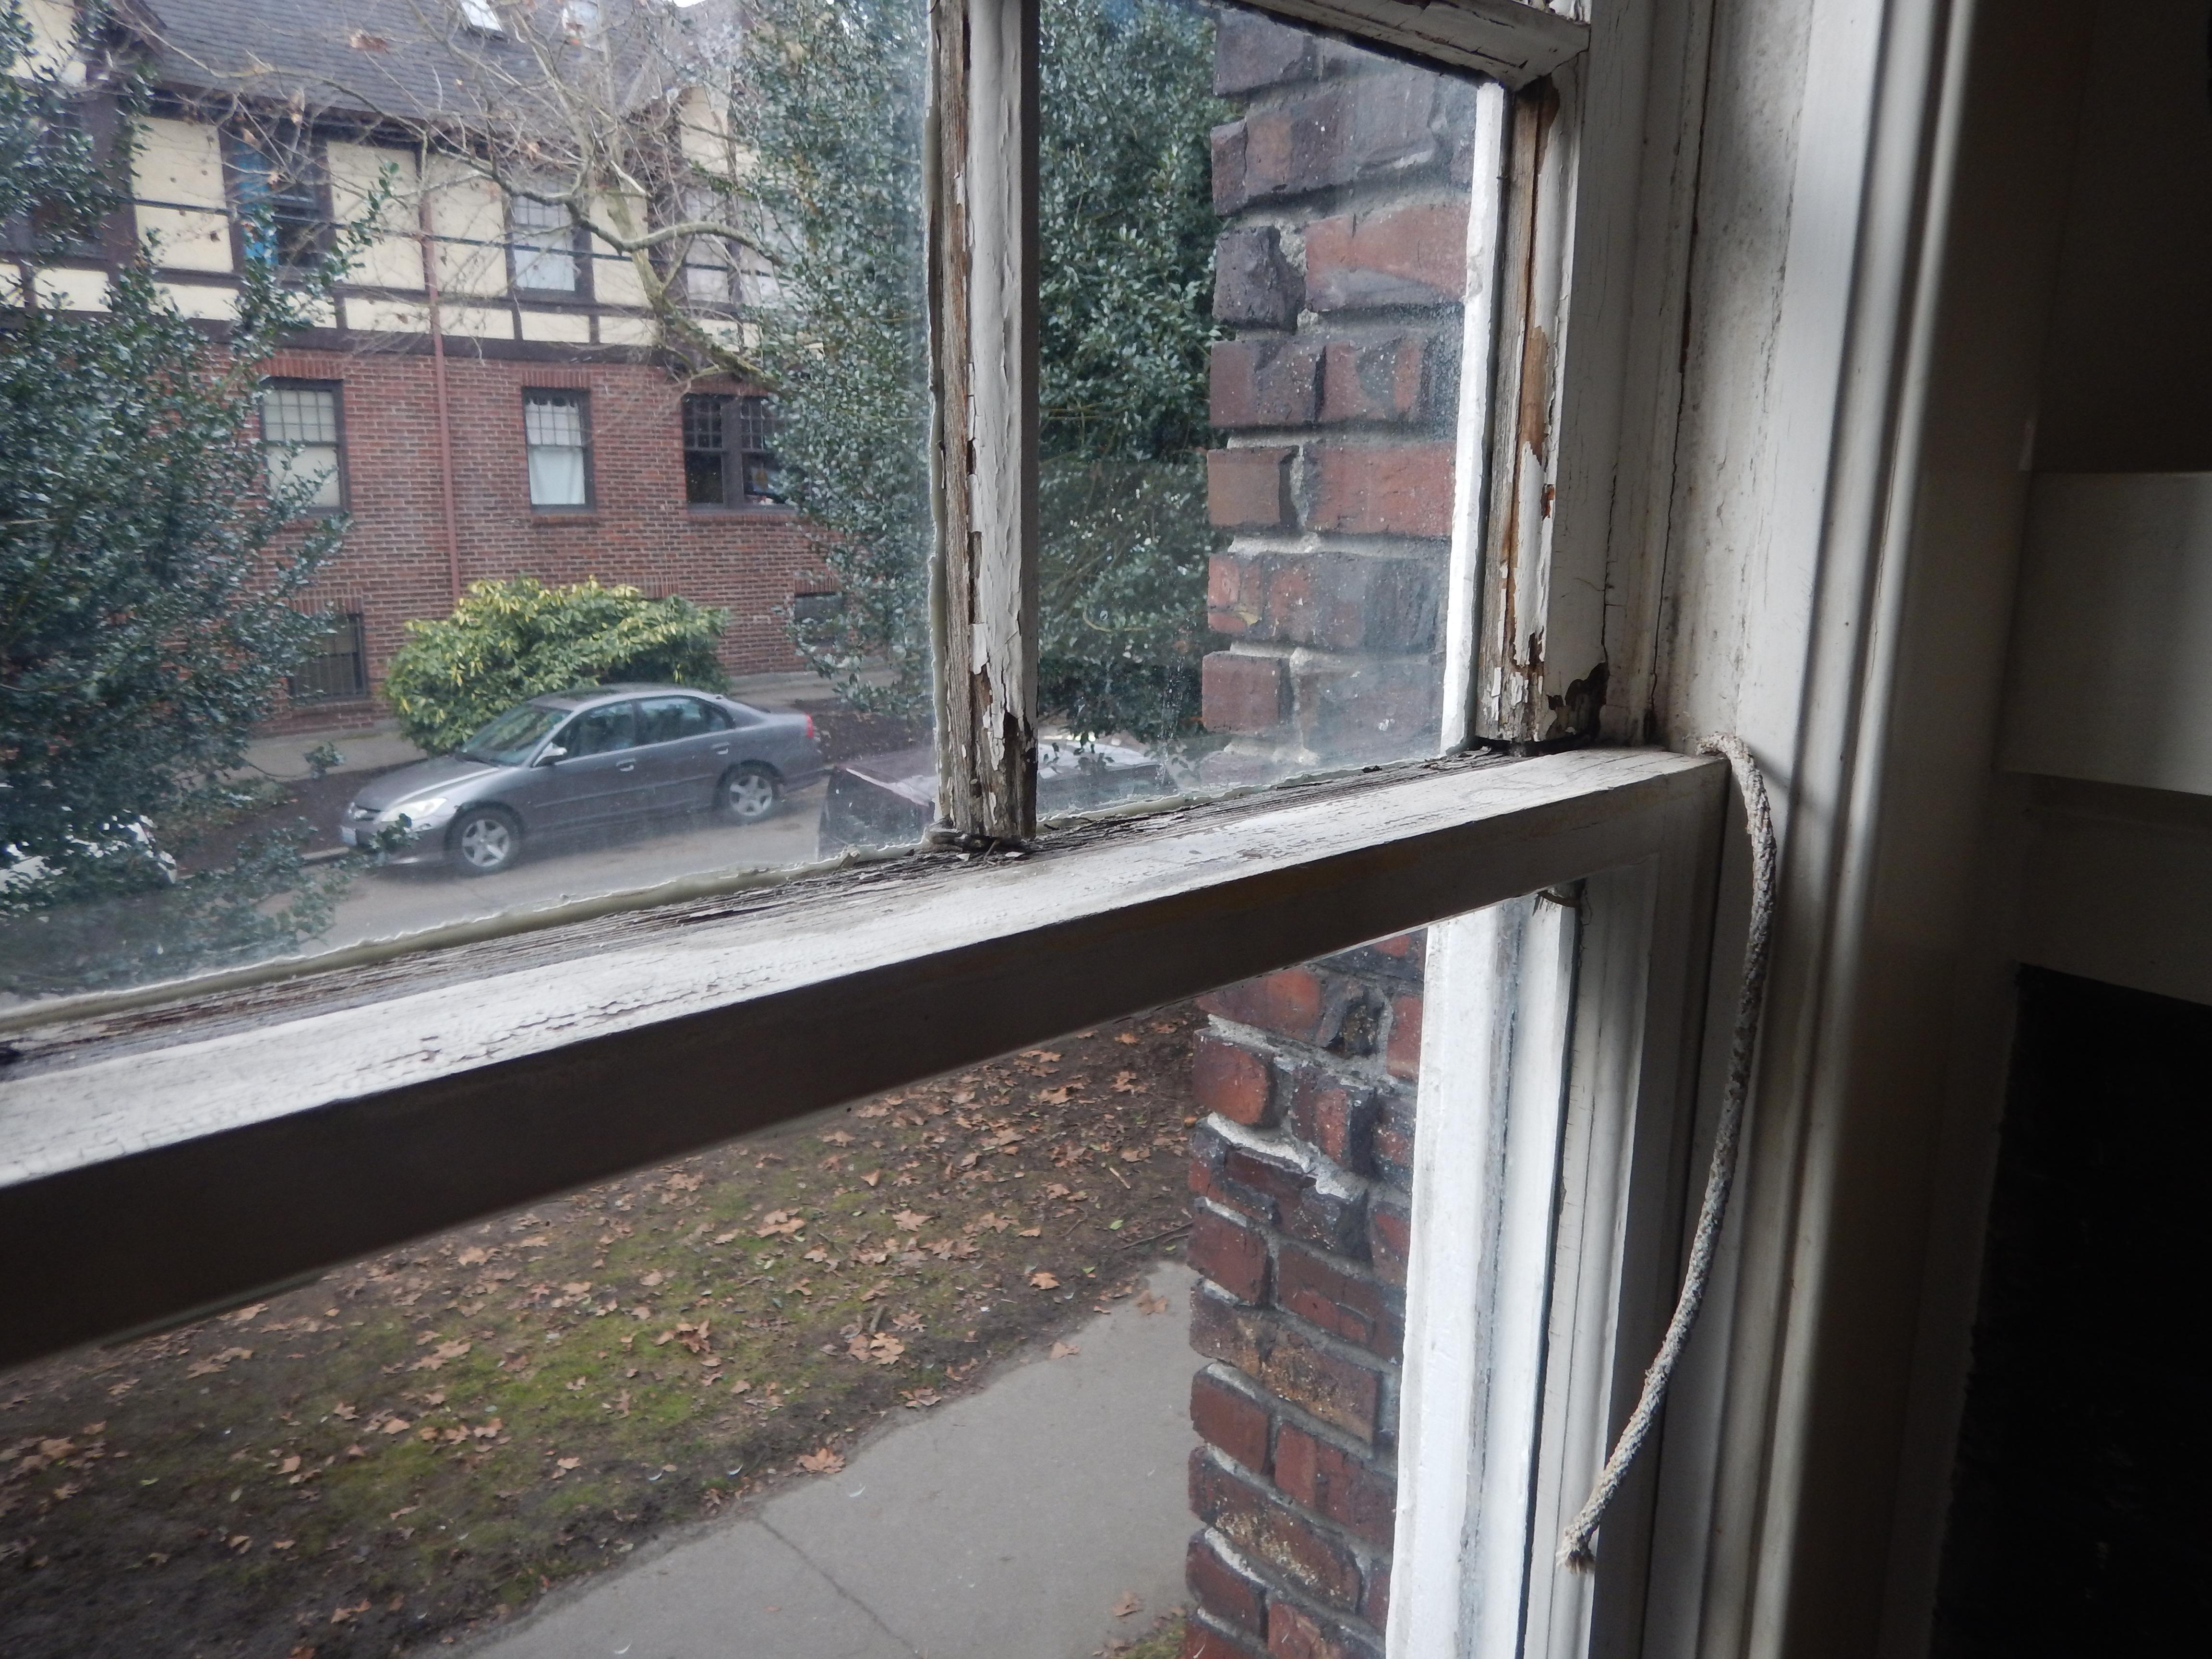 paint peeling from a wooden window